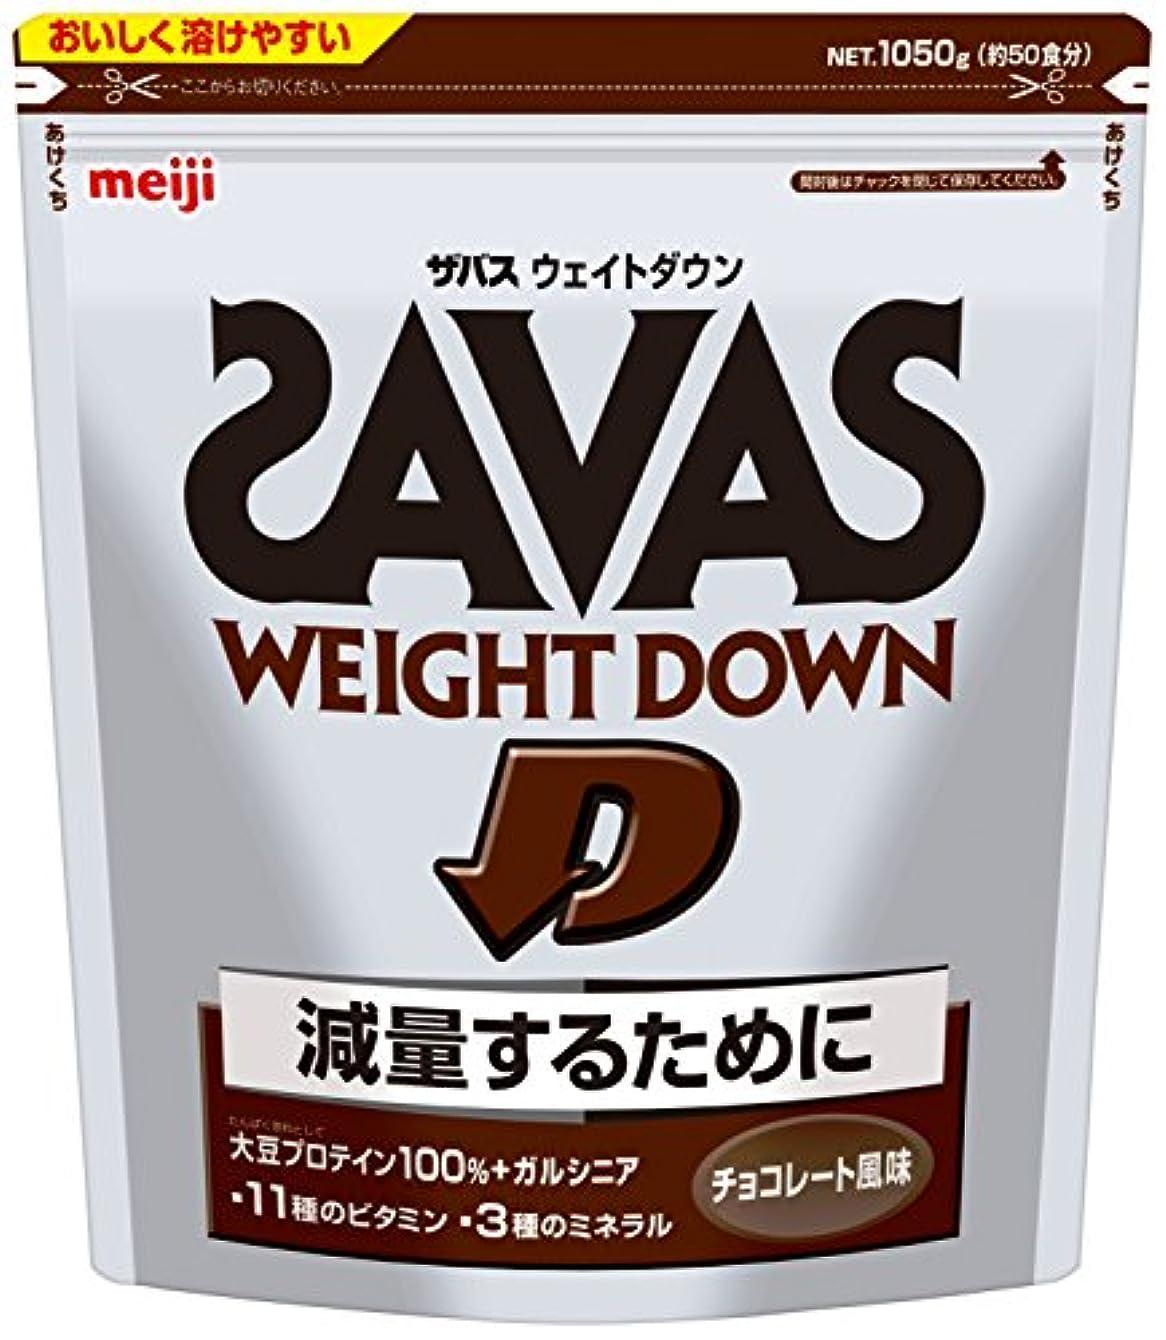 偽善者想起純粋にザバス(SAVAS) ウェイトダウン チョコレート風味【50食分】 1,050g